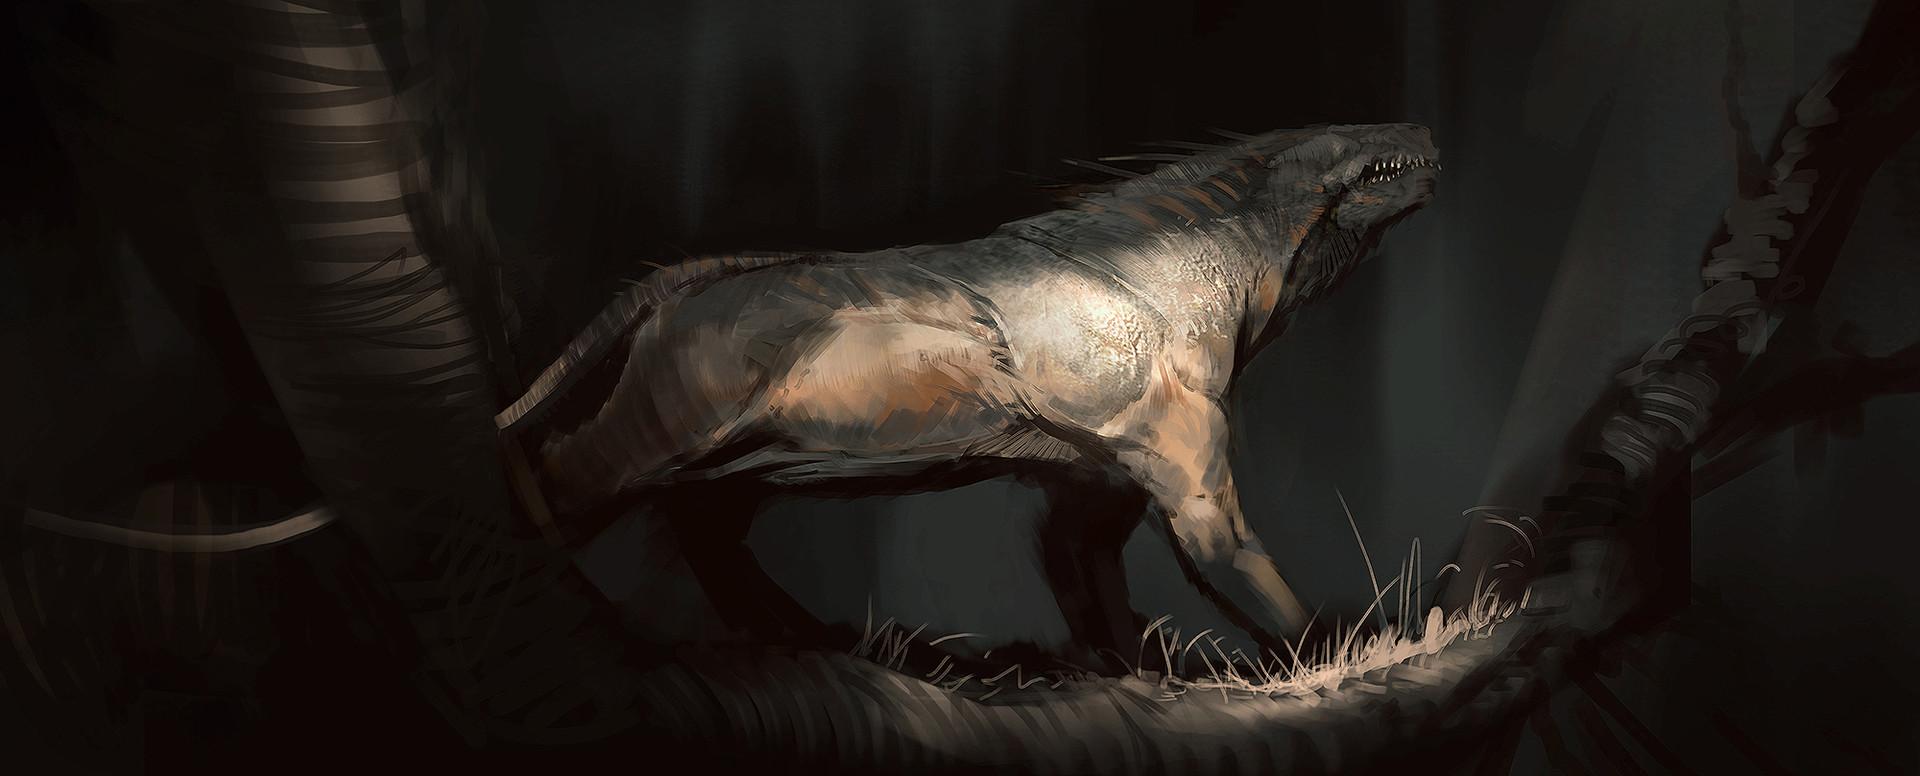 Andrea chiampo creature sketch 0 2k